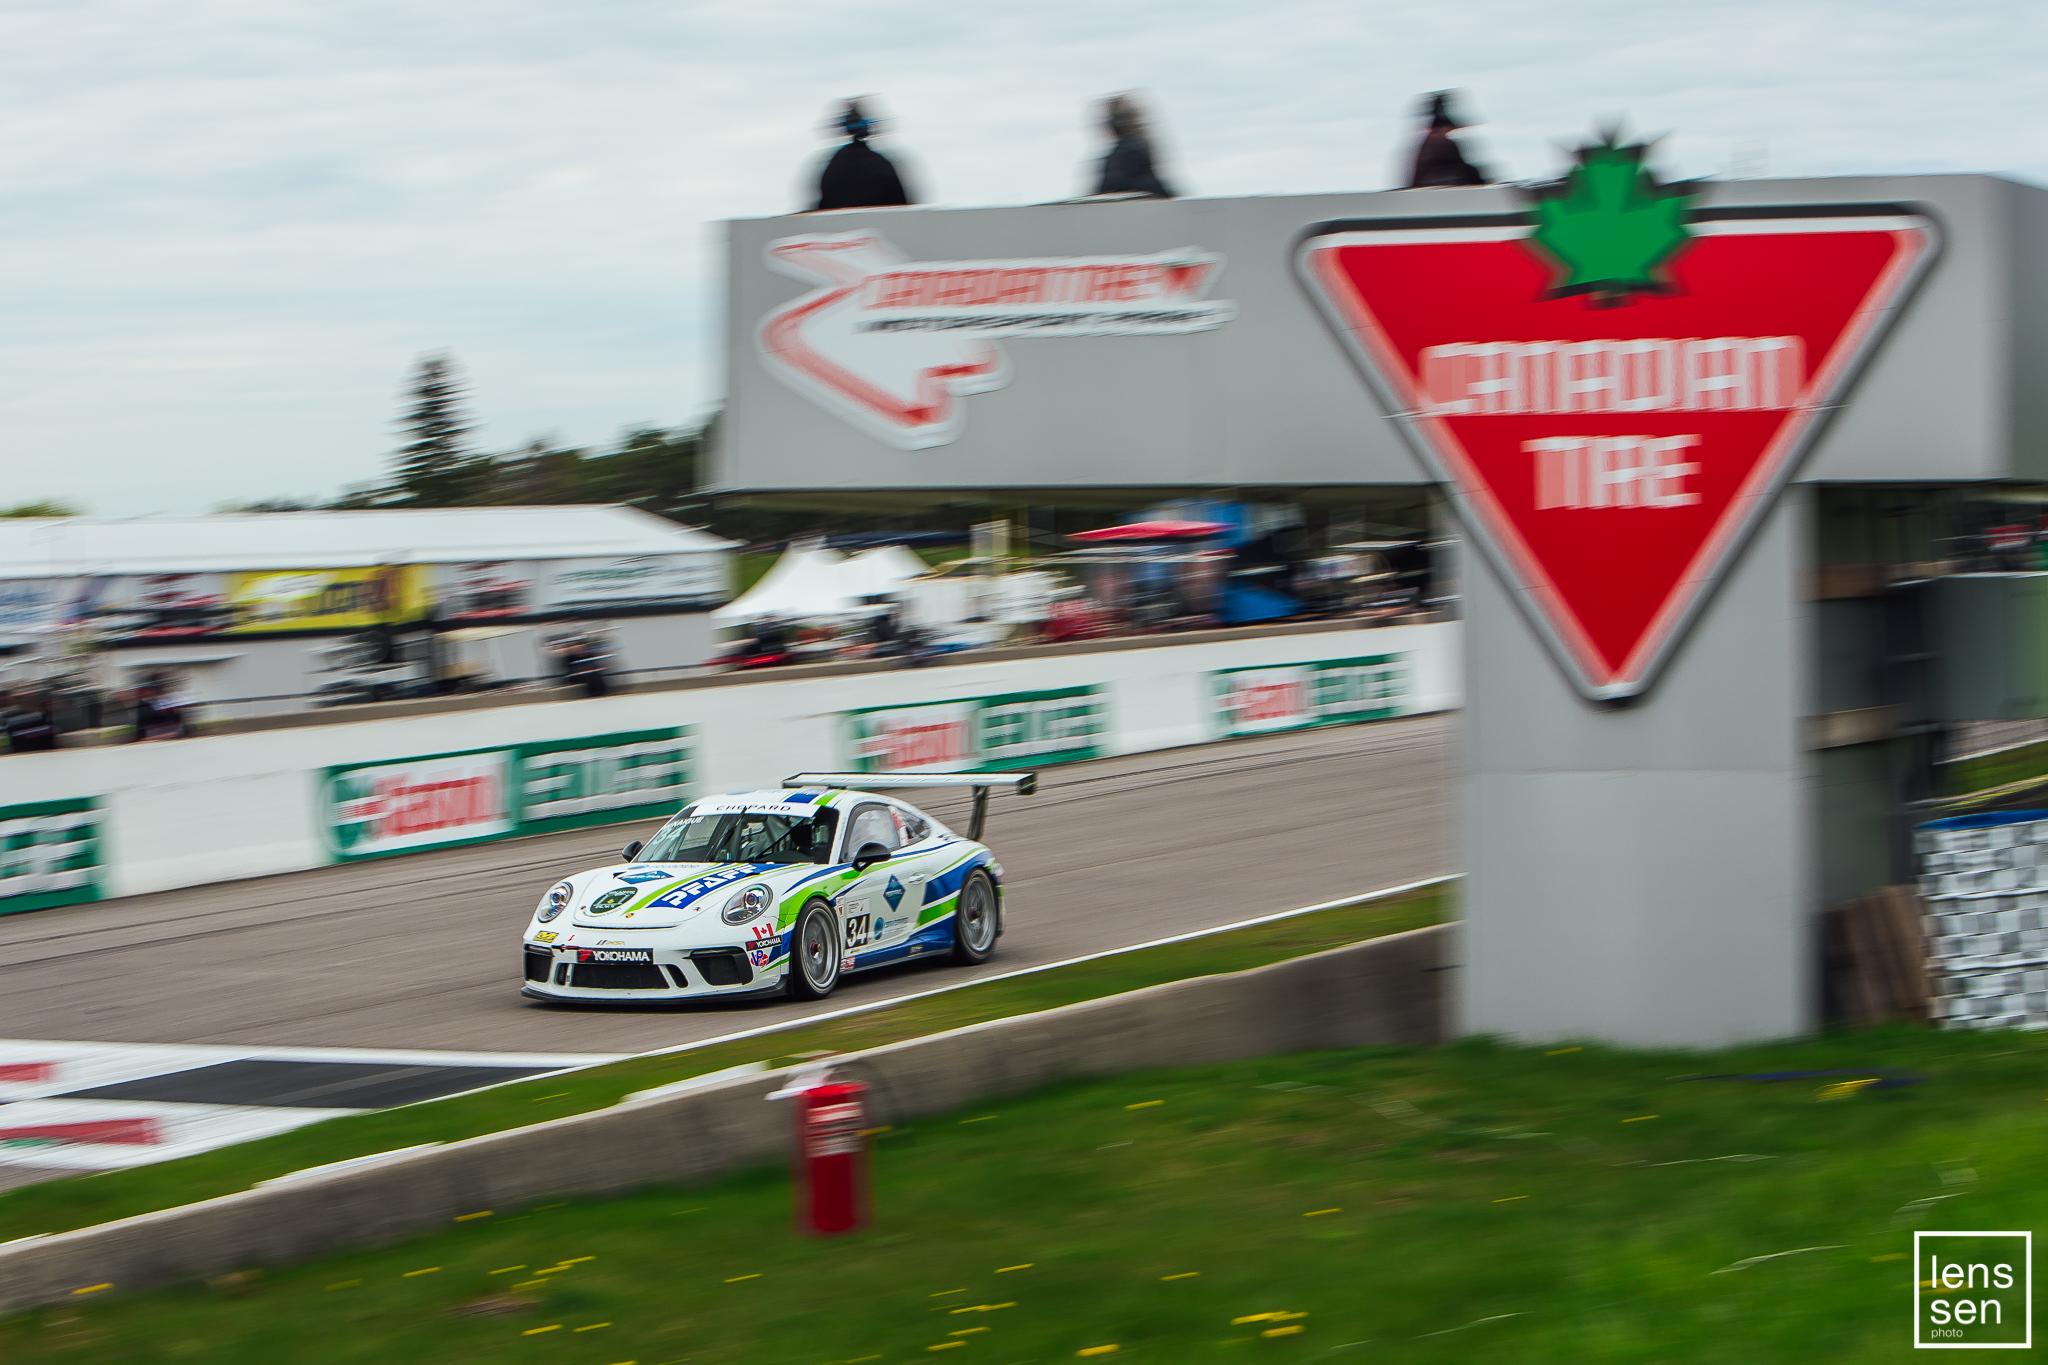 Porsche GT3 Cup Challenge Canada - 052019 - CTMP Mosport VDS 2019 - Lenssen Photo - 183 -8749.jpg